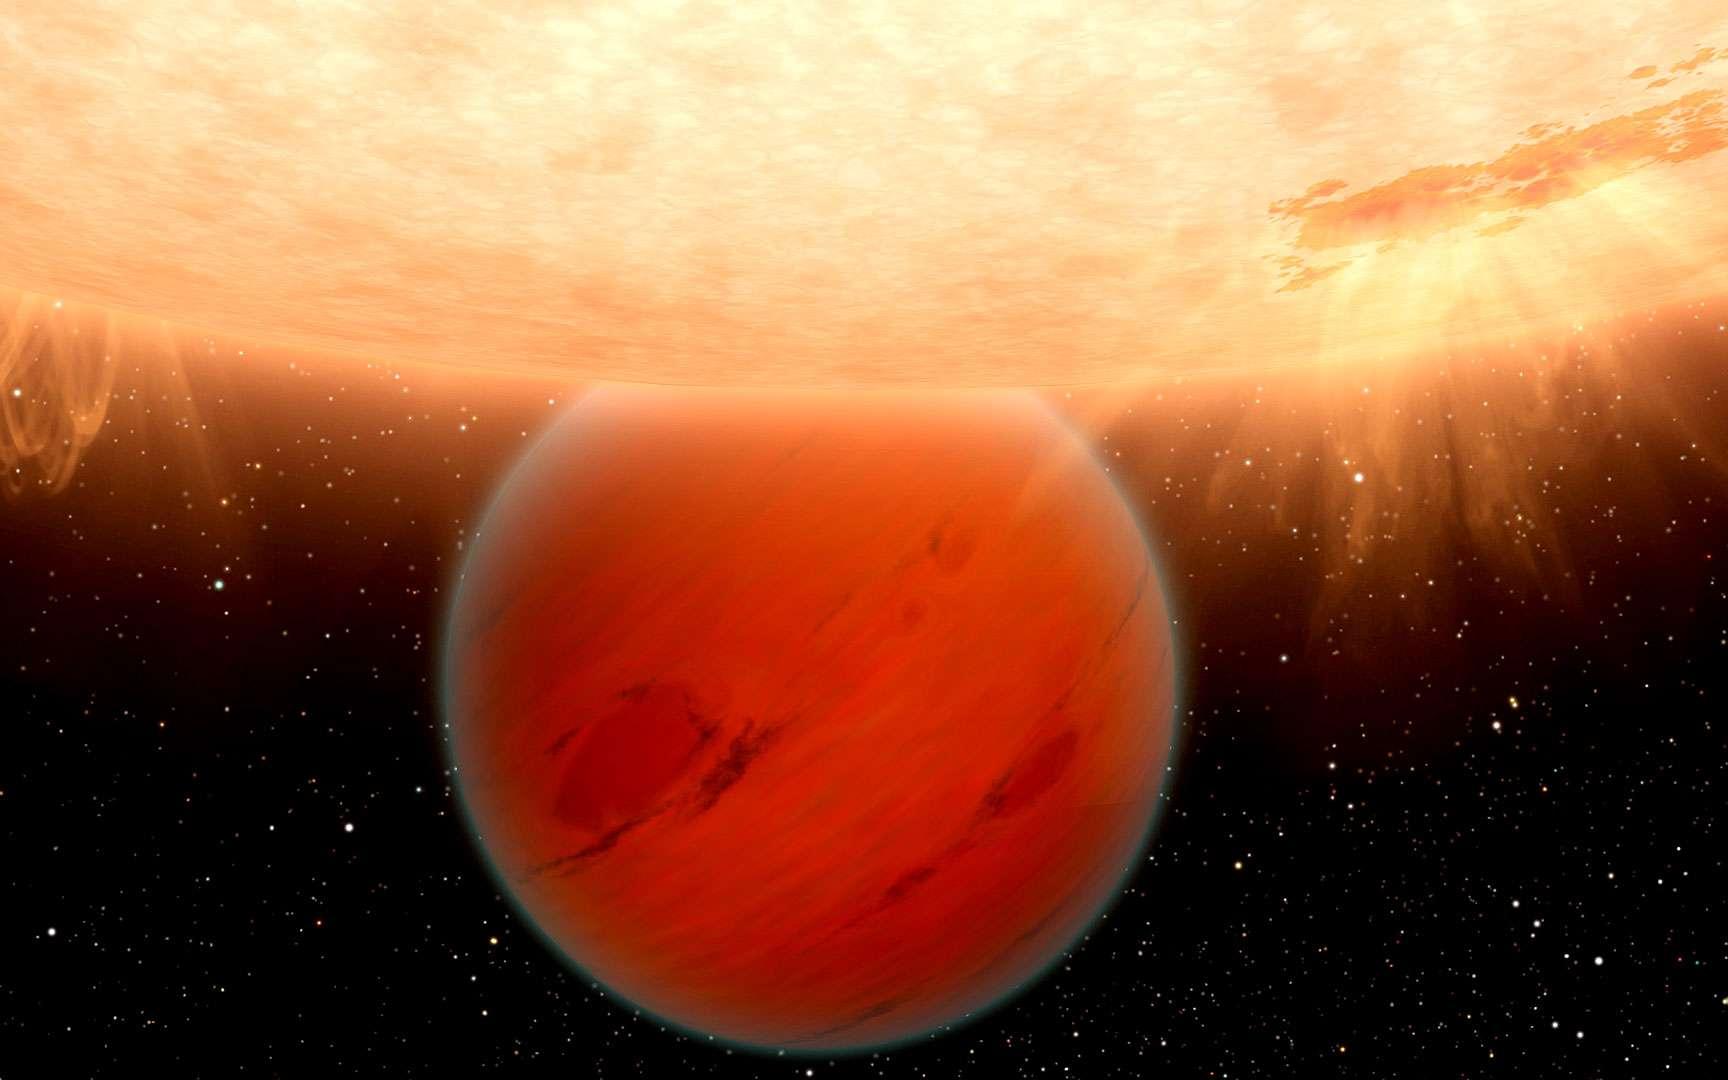 L'exoplanète GJ 436b a été découverte grâce au satellite Spitzer. Située à 33 années-lumière de la Terre, cette géante gazeuse, représentée ici par une vue d'artiste, secoue le monde de la planétologie. Alors que les lois de la thermochimie impliquaient qu'une planète de ce type devrait être riche en méthane et pauvre en monoxyde de carbone (CO), comme c'est le cas dans le Système solaire, GJ 436b contredit tous les modèles actuels. En effet, les observations de cette planète ne montrent pas de traces de méthane et, à l'inverse, une abondance de CO. © Nasa, DP